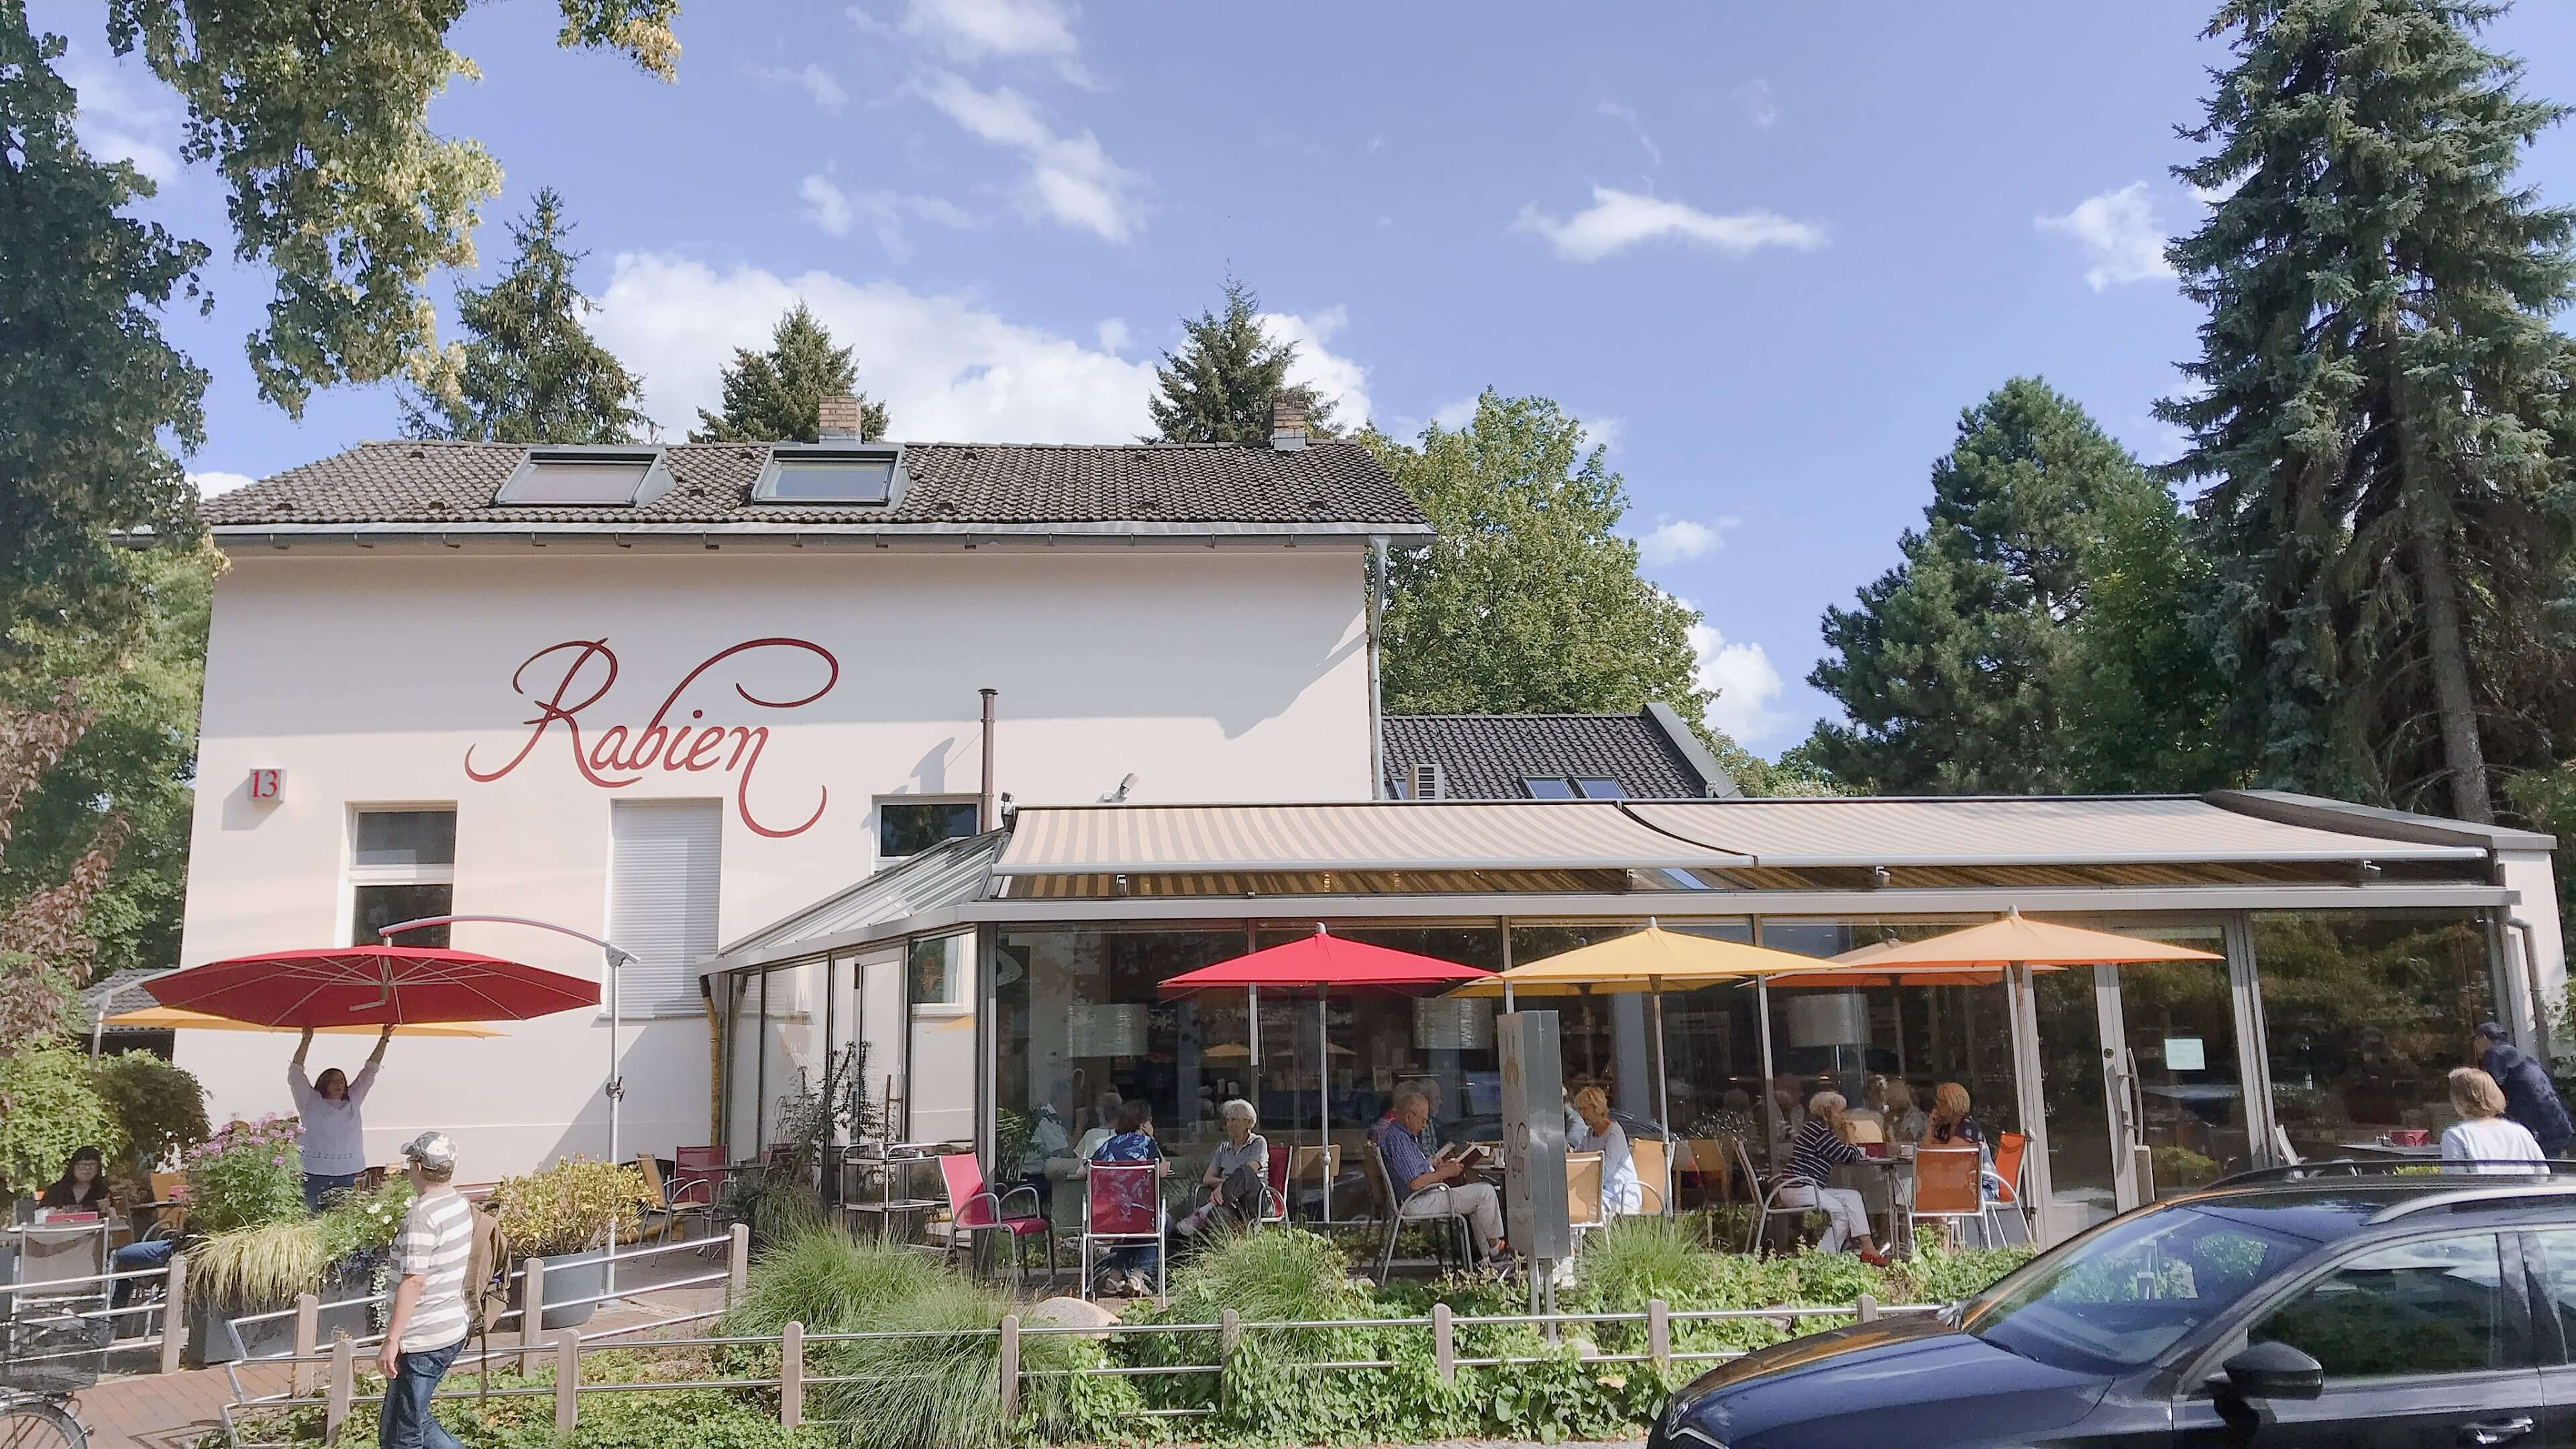 本場のバウムクーヘンが食べたい!ベルリン郊外の老舗『Rabien』に行ってみたよ